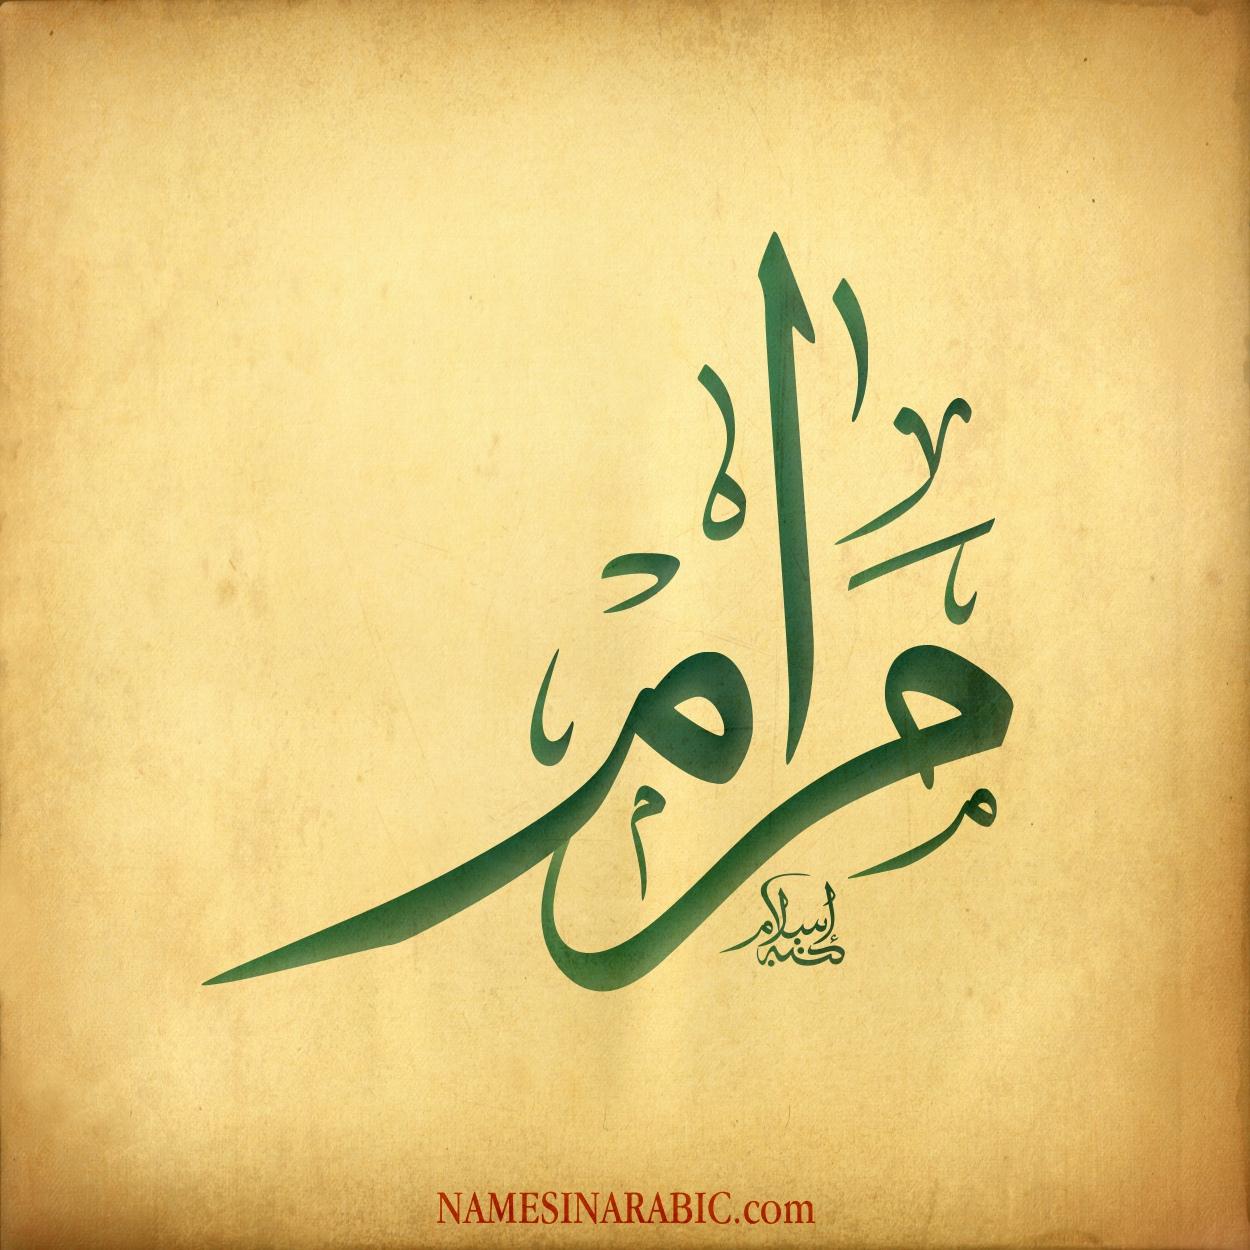 صورة اسم مرام Maram اسم مرام بالخط العربي من موقع الأسماء بالخط العربي بريشة الفنان إسلام ابن الفضل